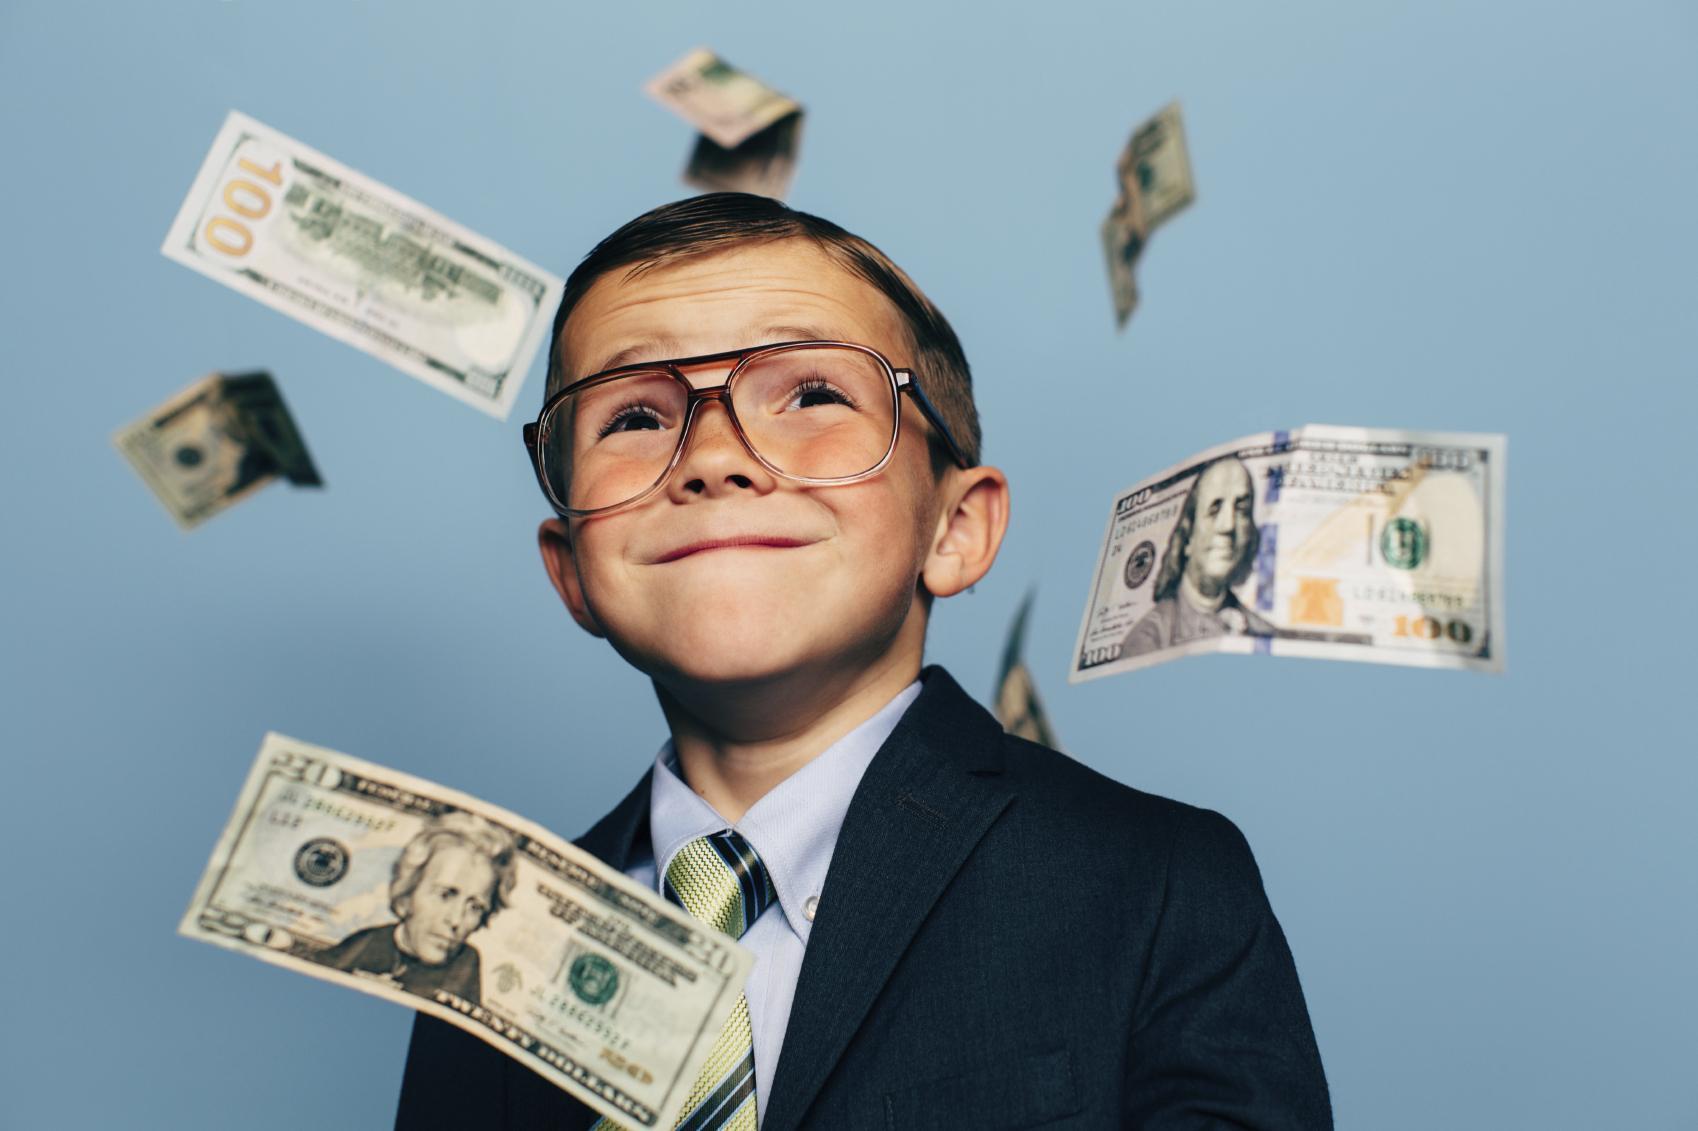 Как начинающему предпринимателю найти деньги на бизнес